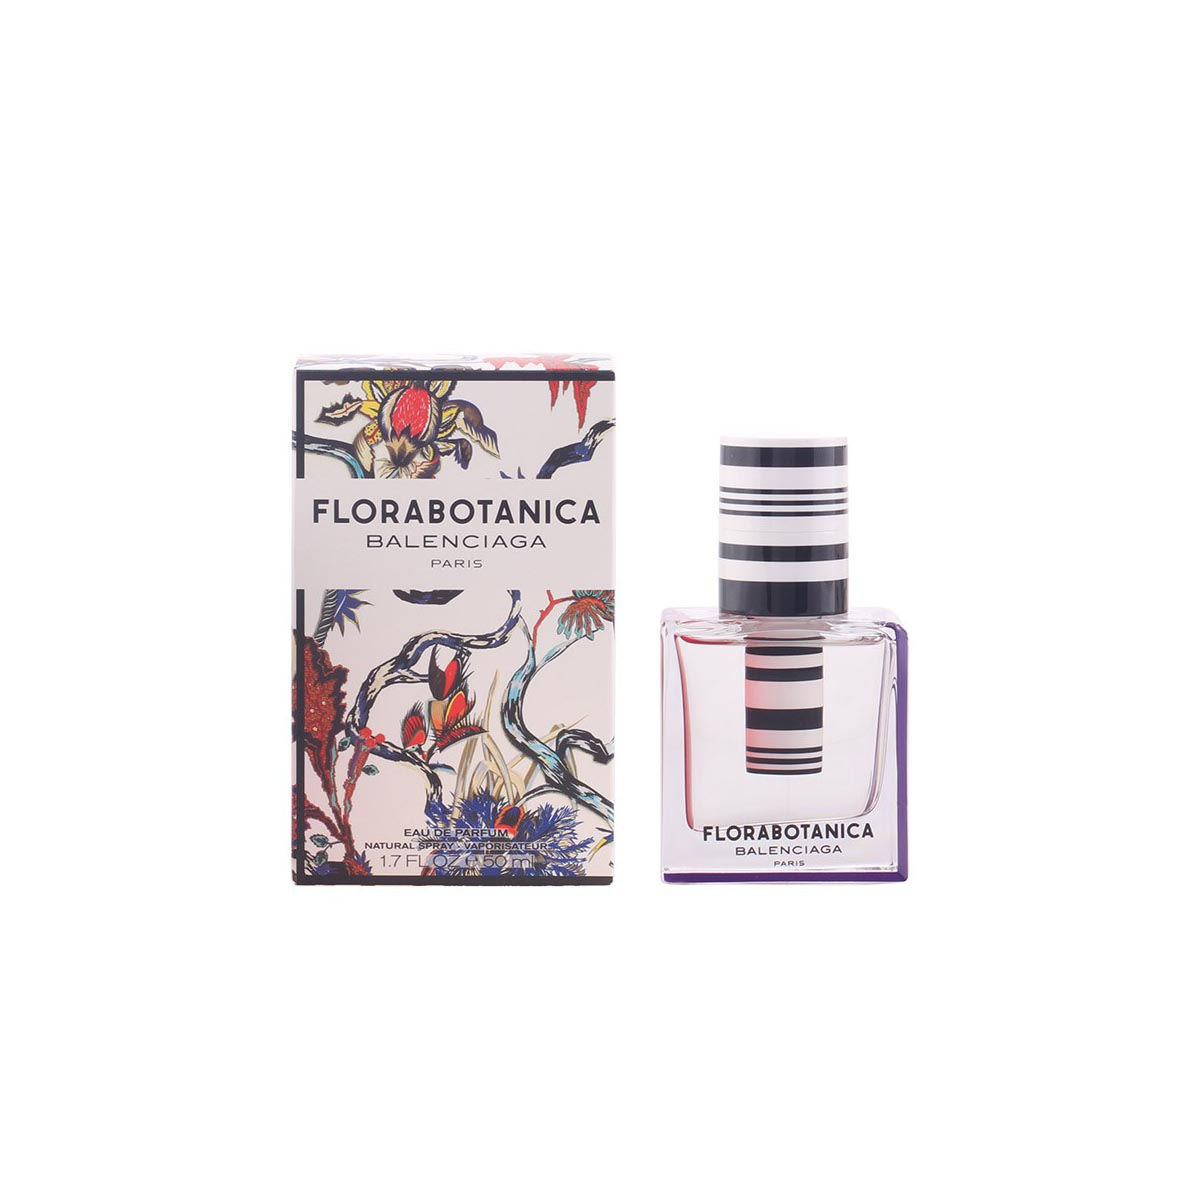 Balenciaga florabotanica eau de parfum 50ml vaporizador